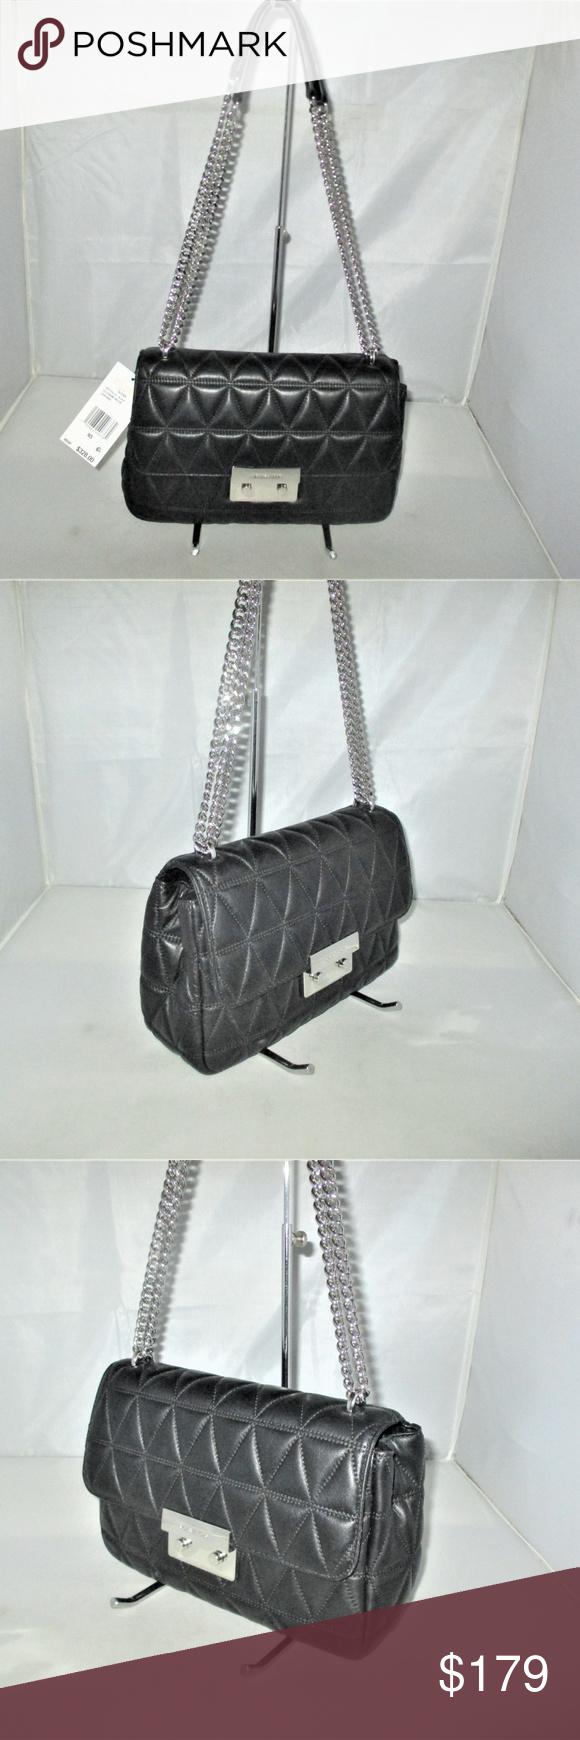 Michael Kors Sloan Chain Large Shoulder Bag Large